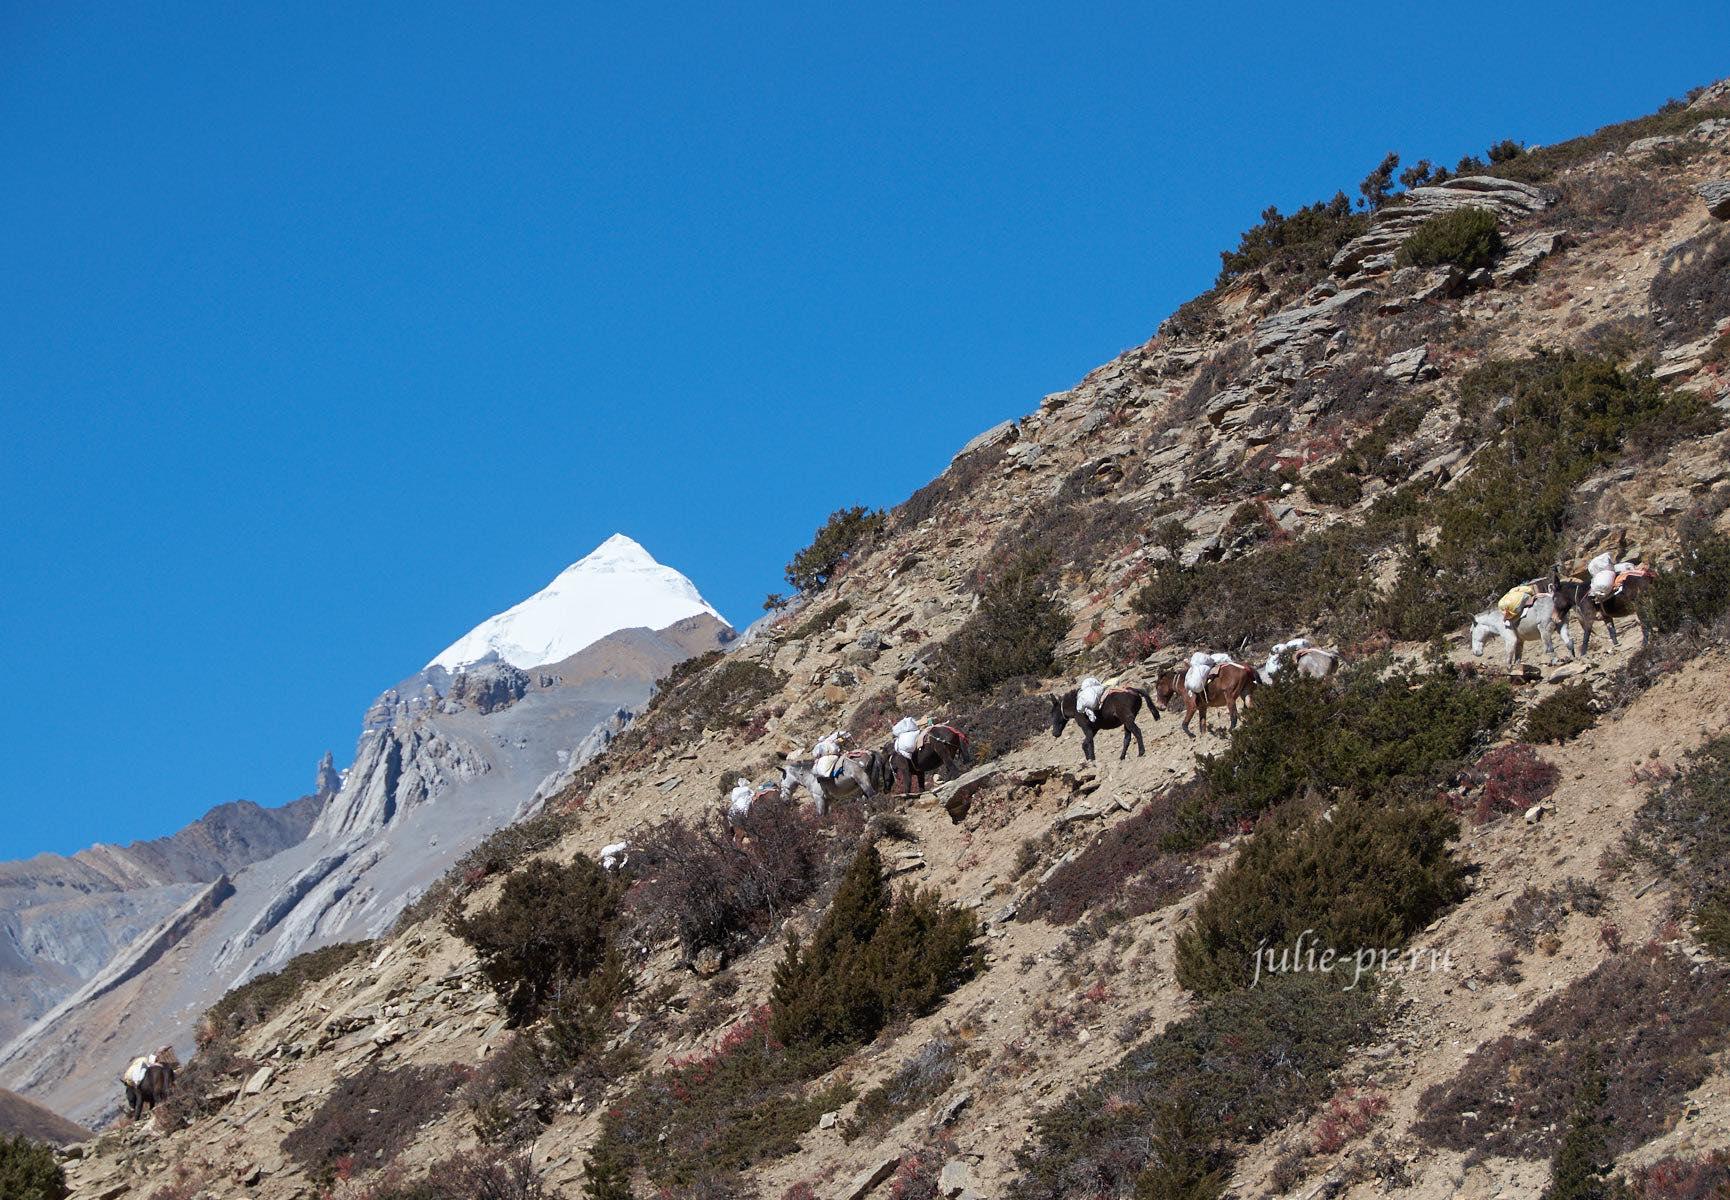 Непал. Трек вокруг Аннапурны. Караван